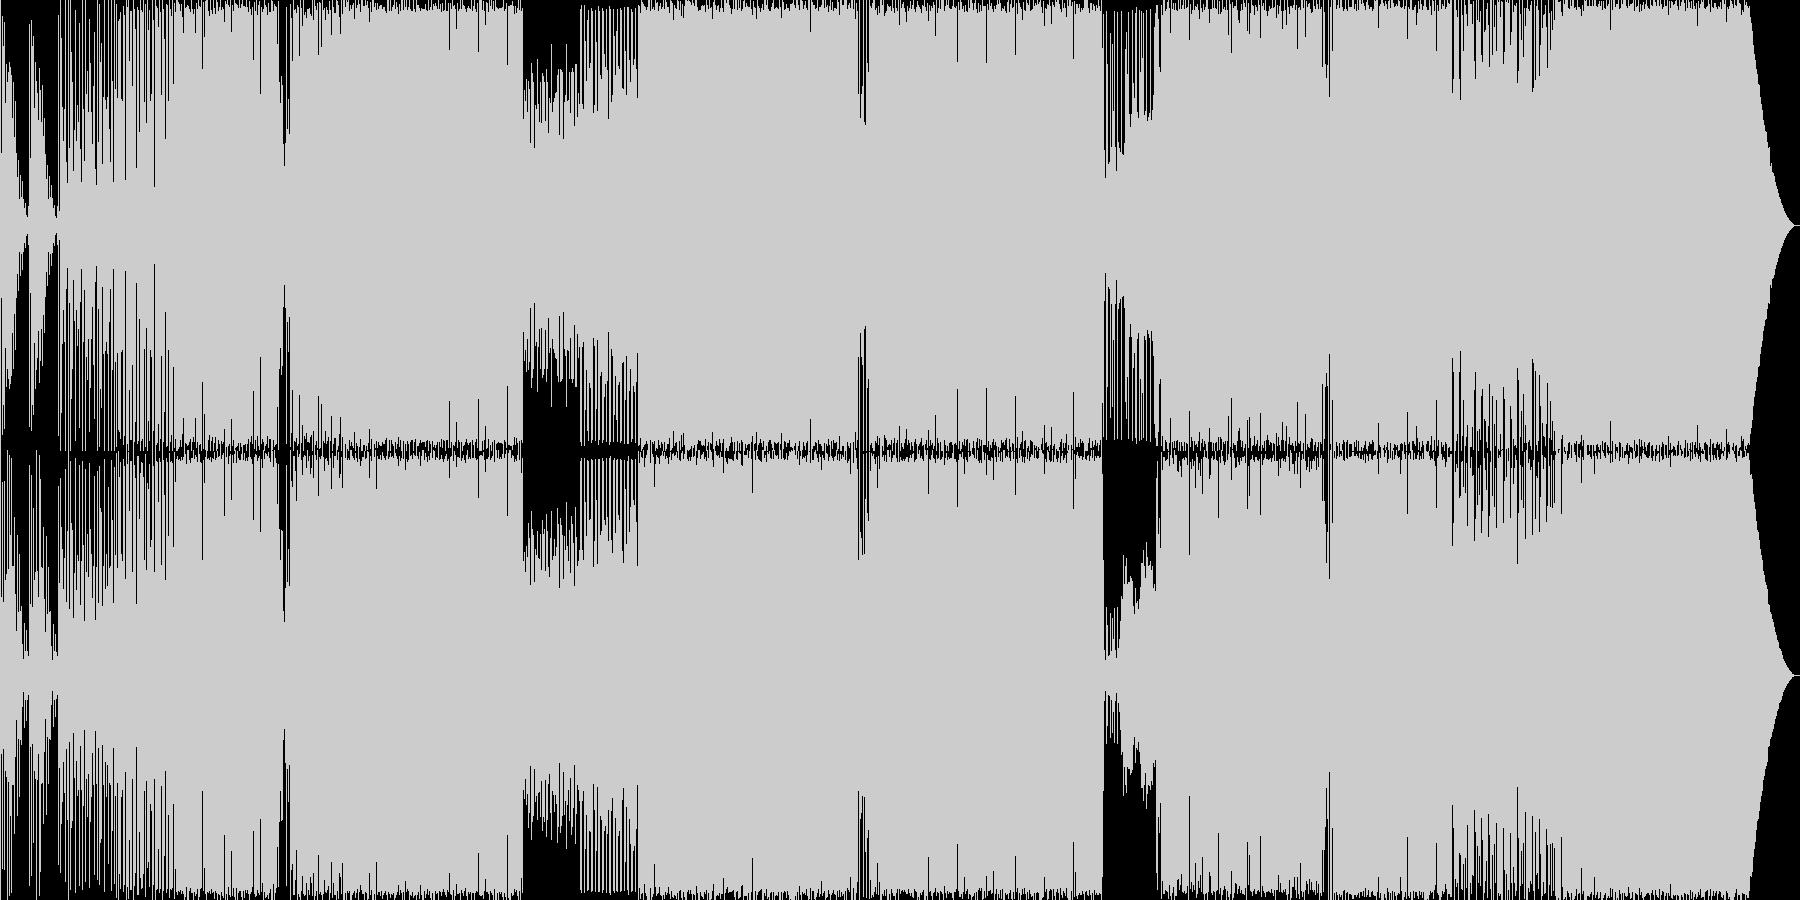 ダイナミックスなEDMの未再生の波形